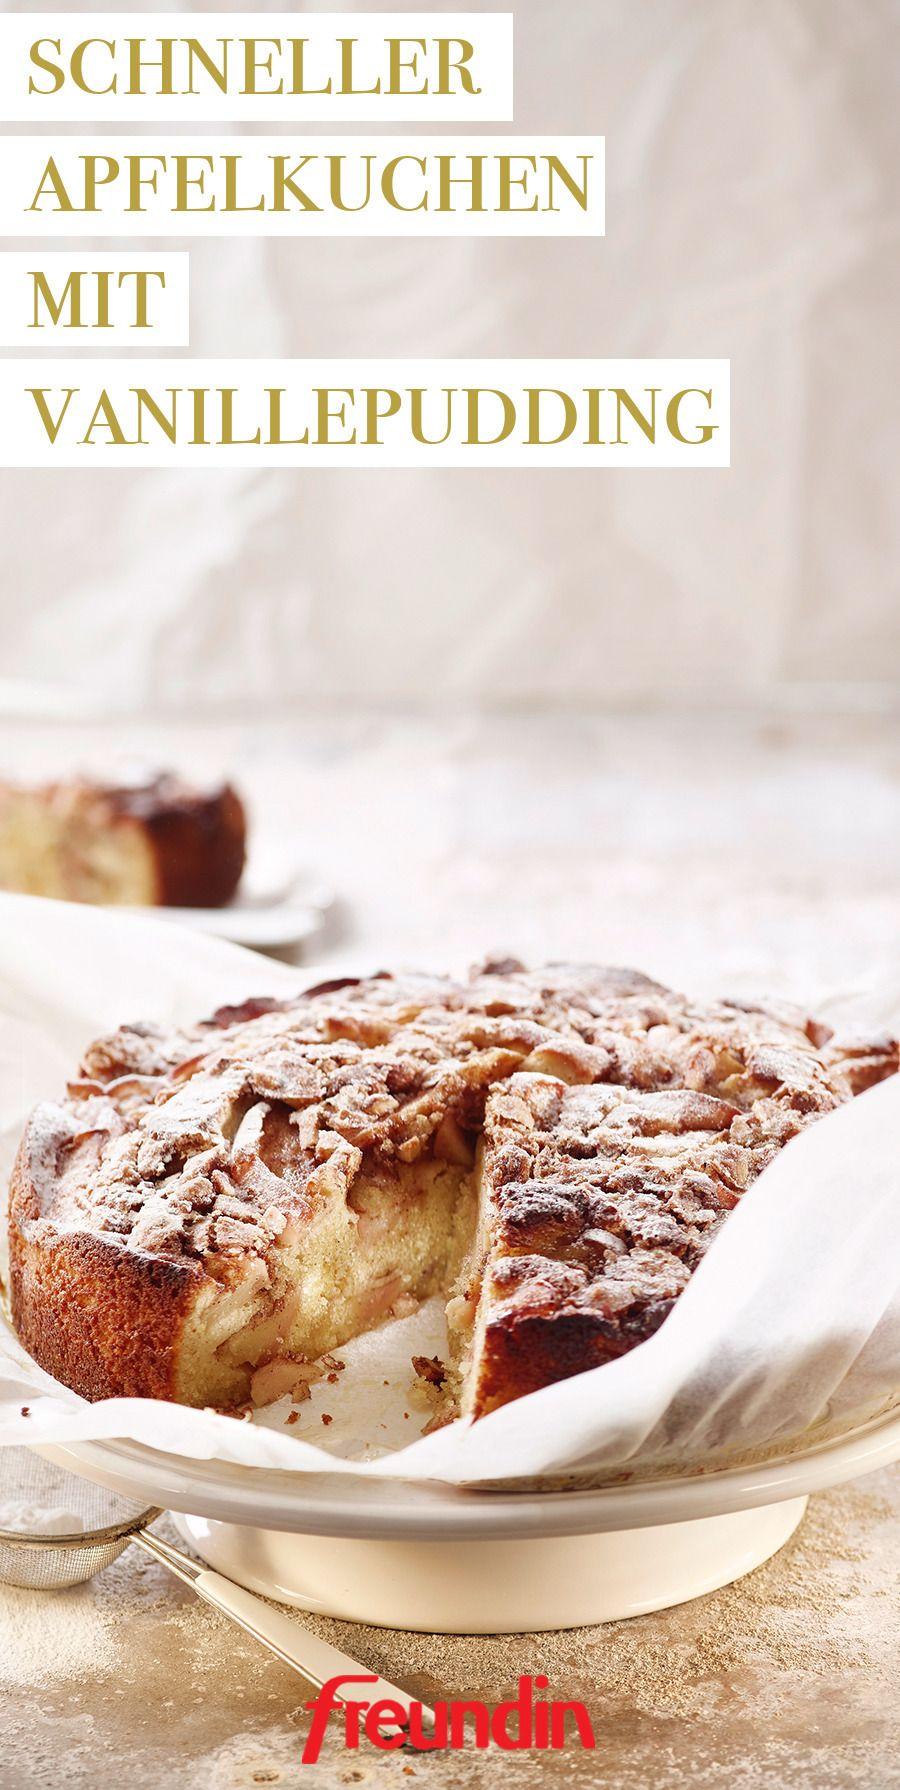 Schnelles Rezept: Apfelkuchen mit Vanillepudding | freundin.de